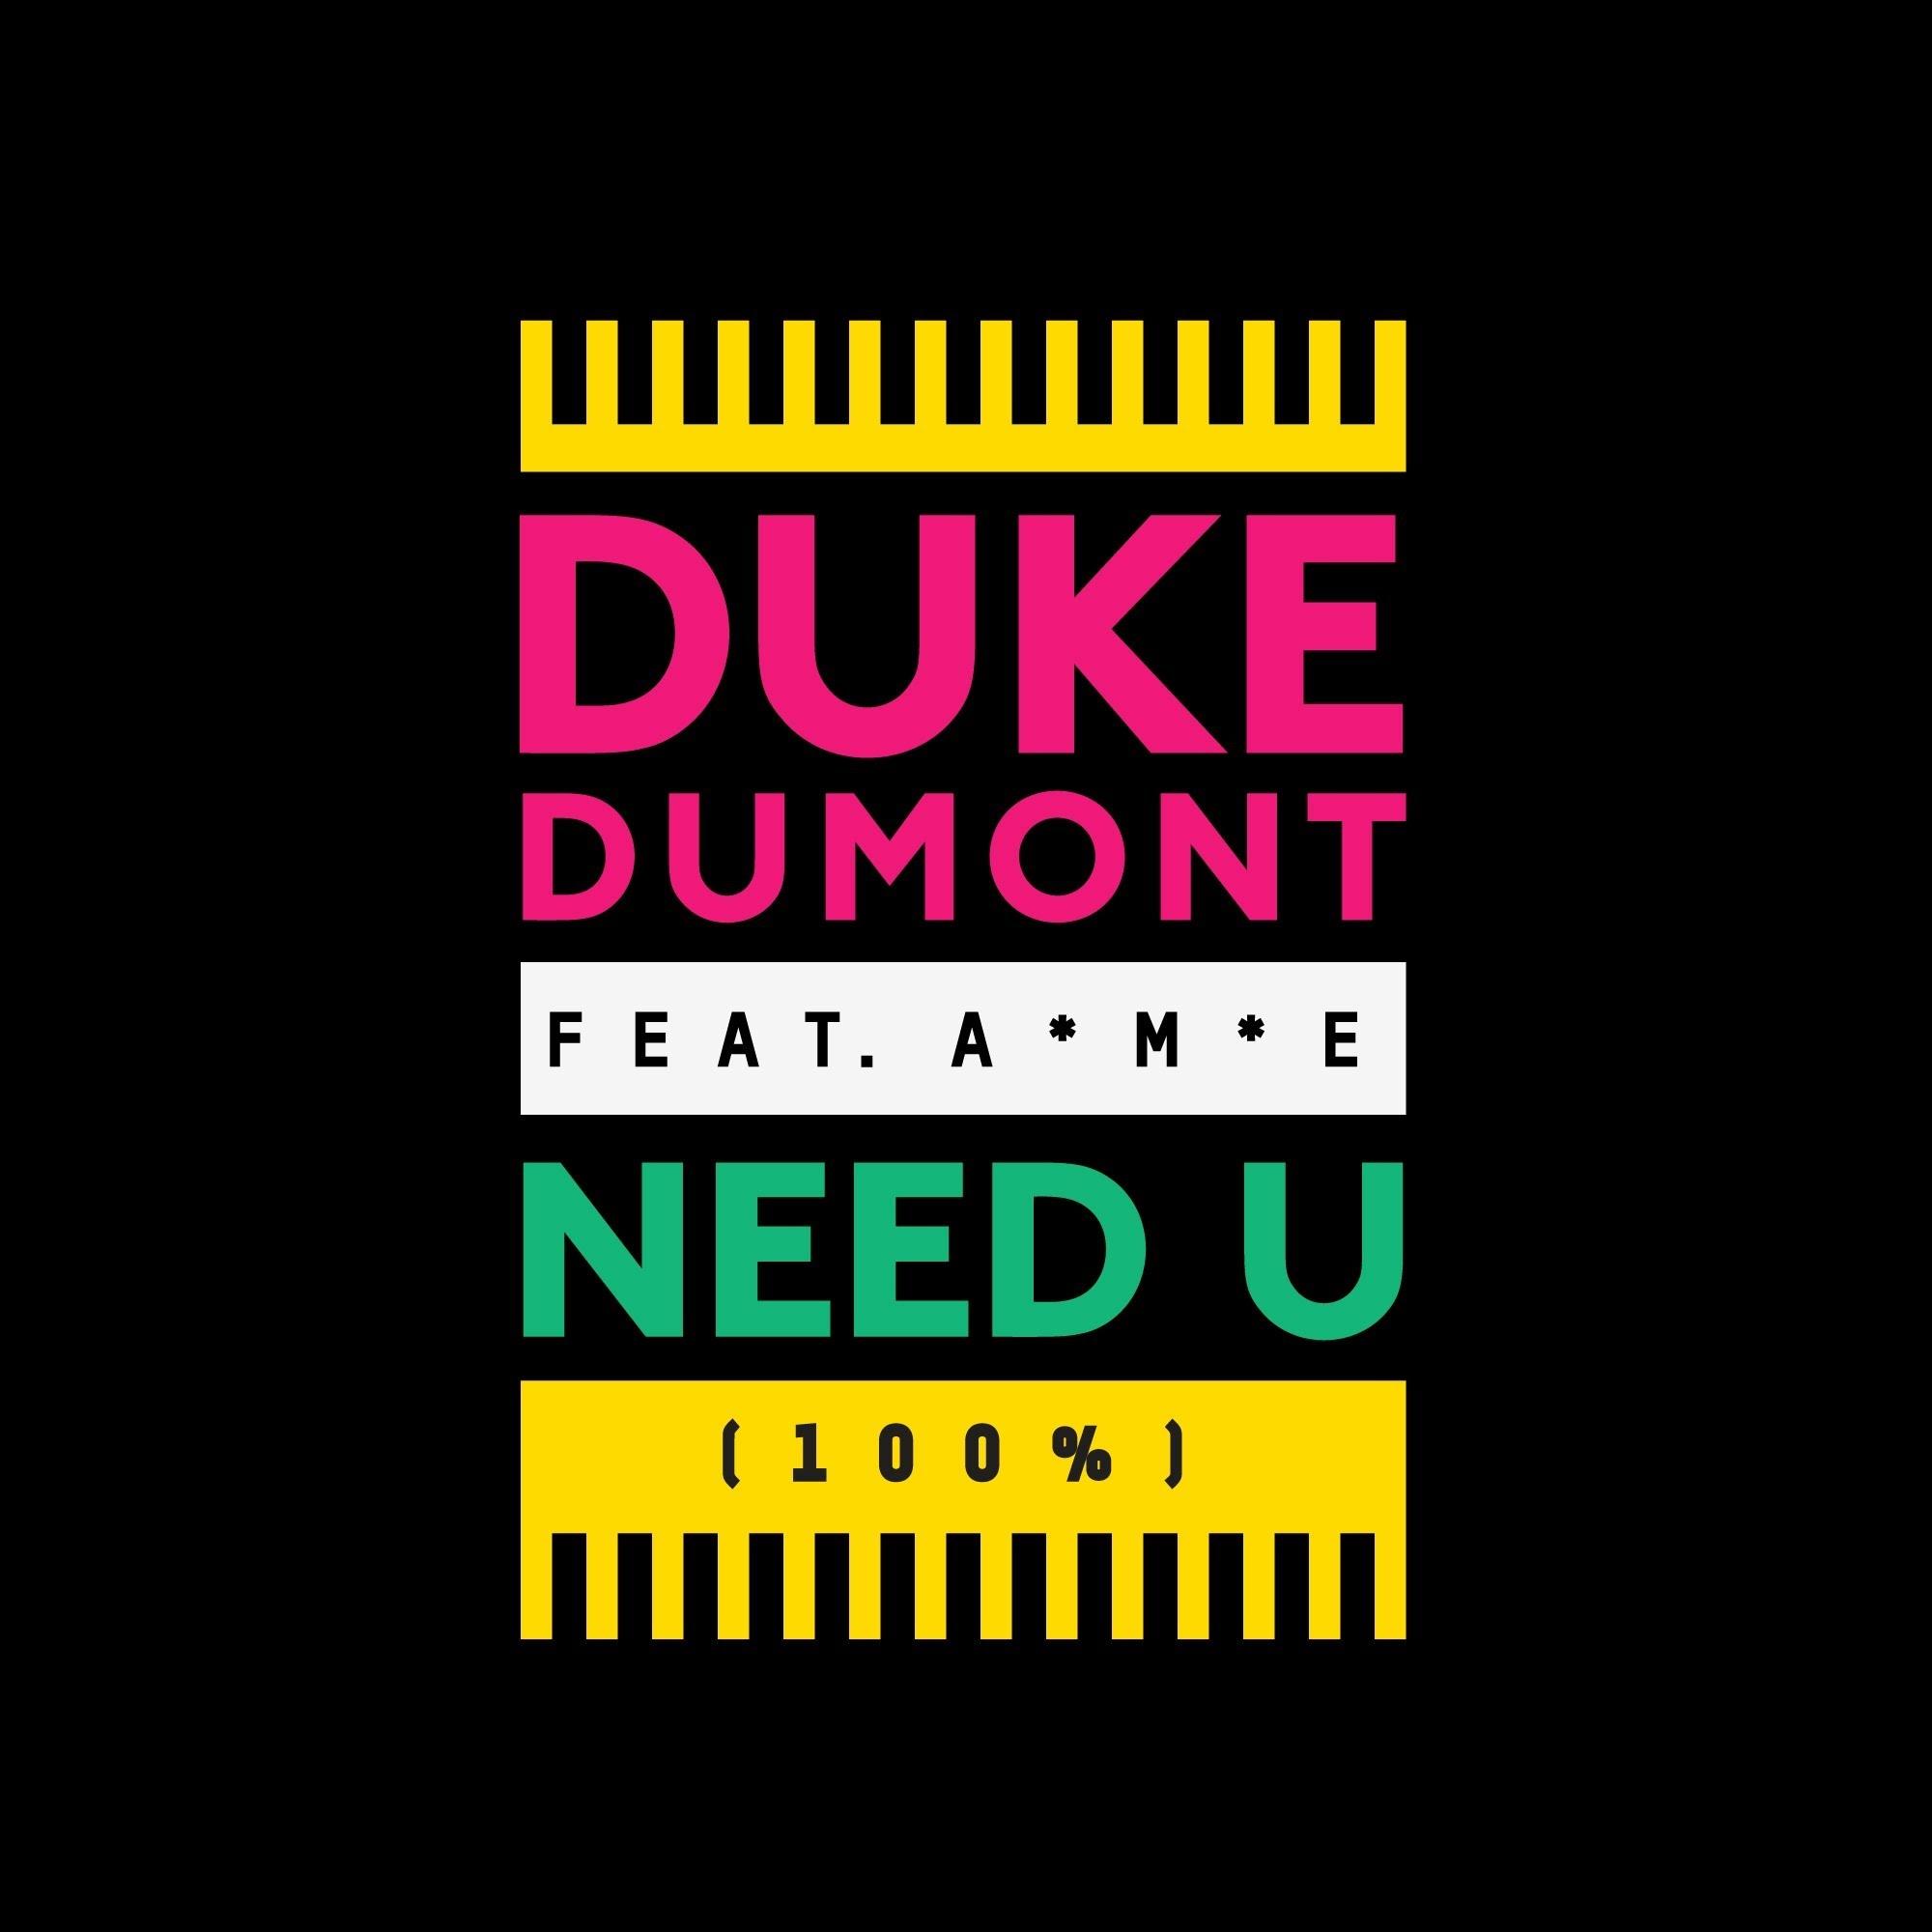 Need You (100%)   Duke Dumont